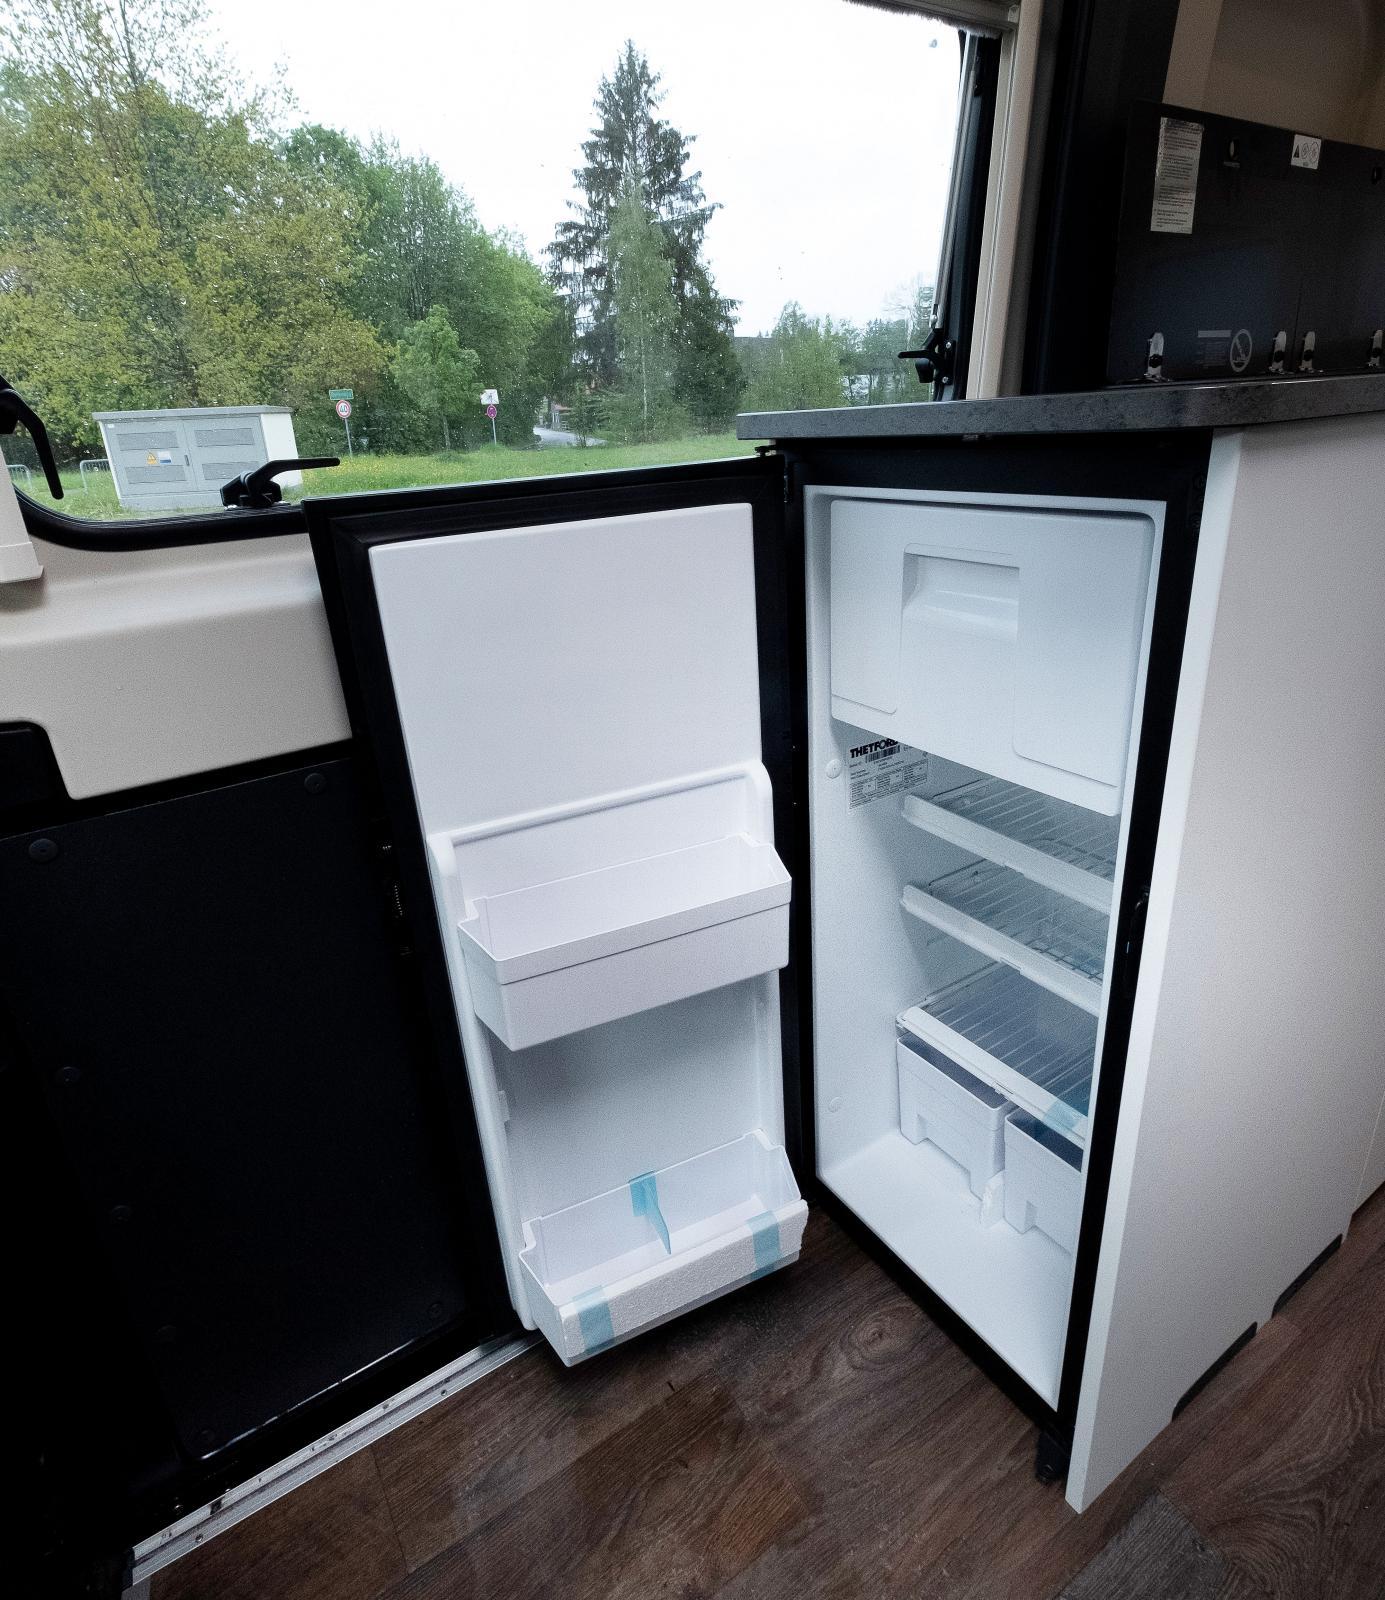 Kylskåpet på gaveln är relativt stort och har frysfack.